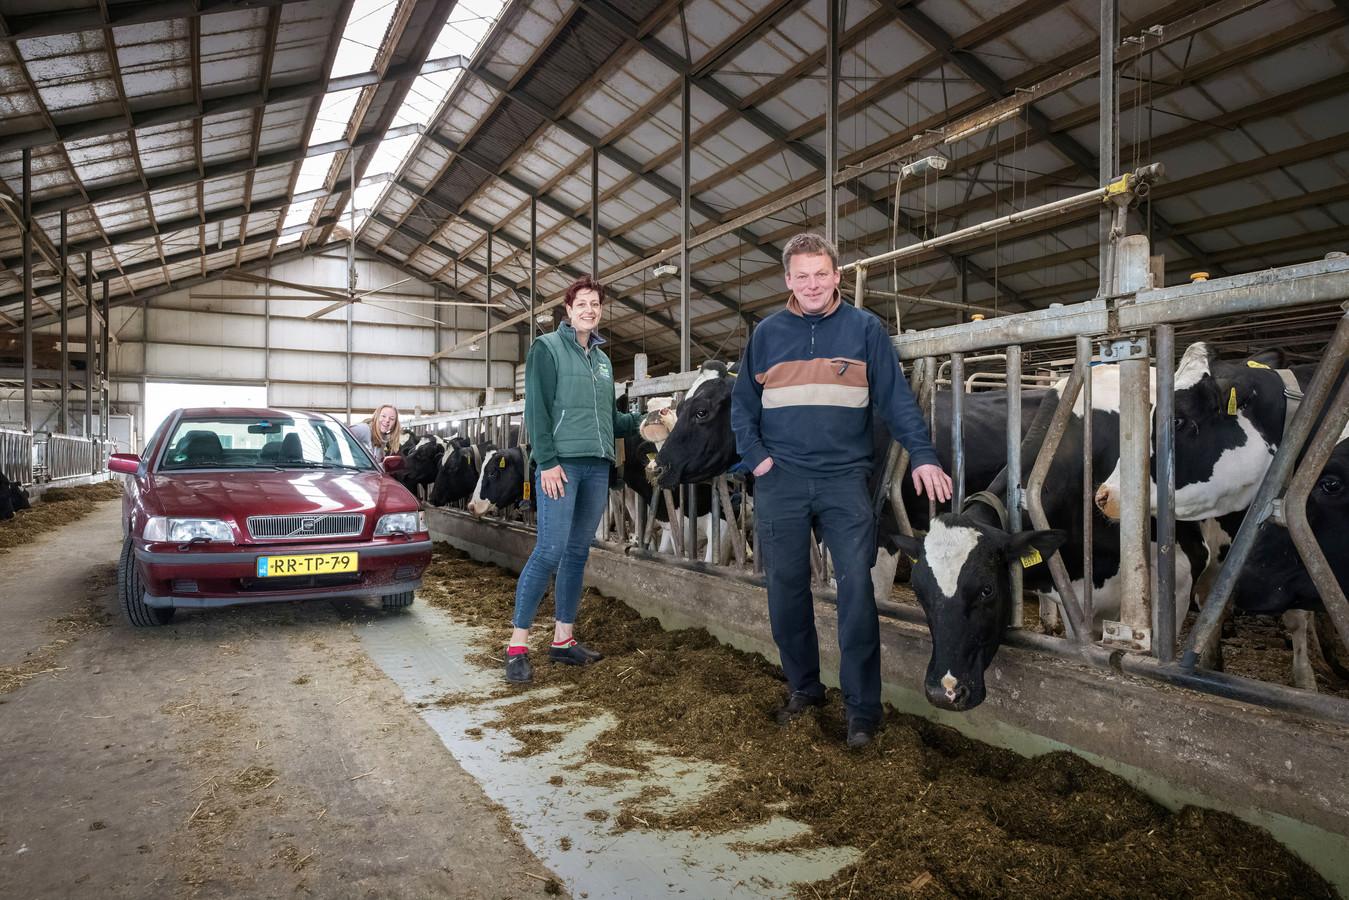 Met de auto kunnen bezoekers door de stal rijden bij melkveebedrijf van Adrichem.